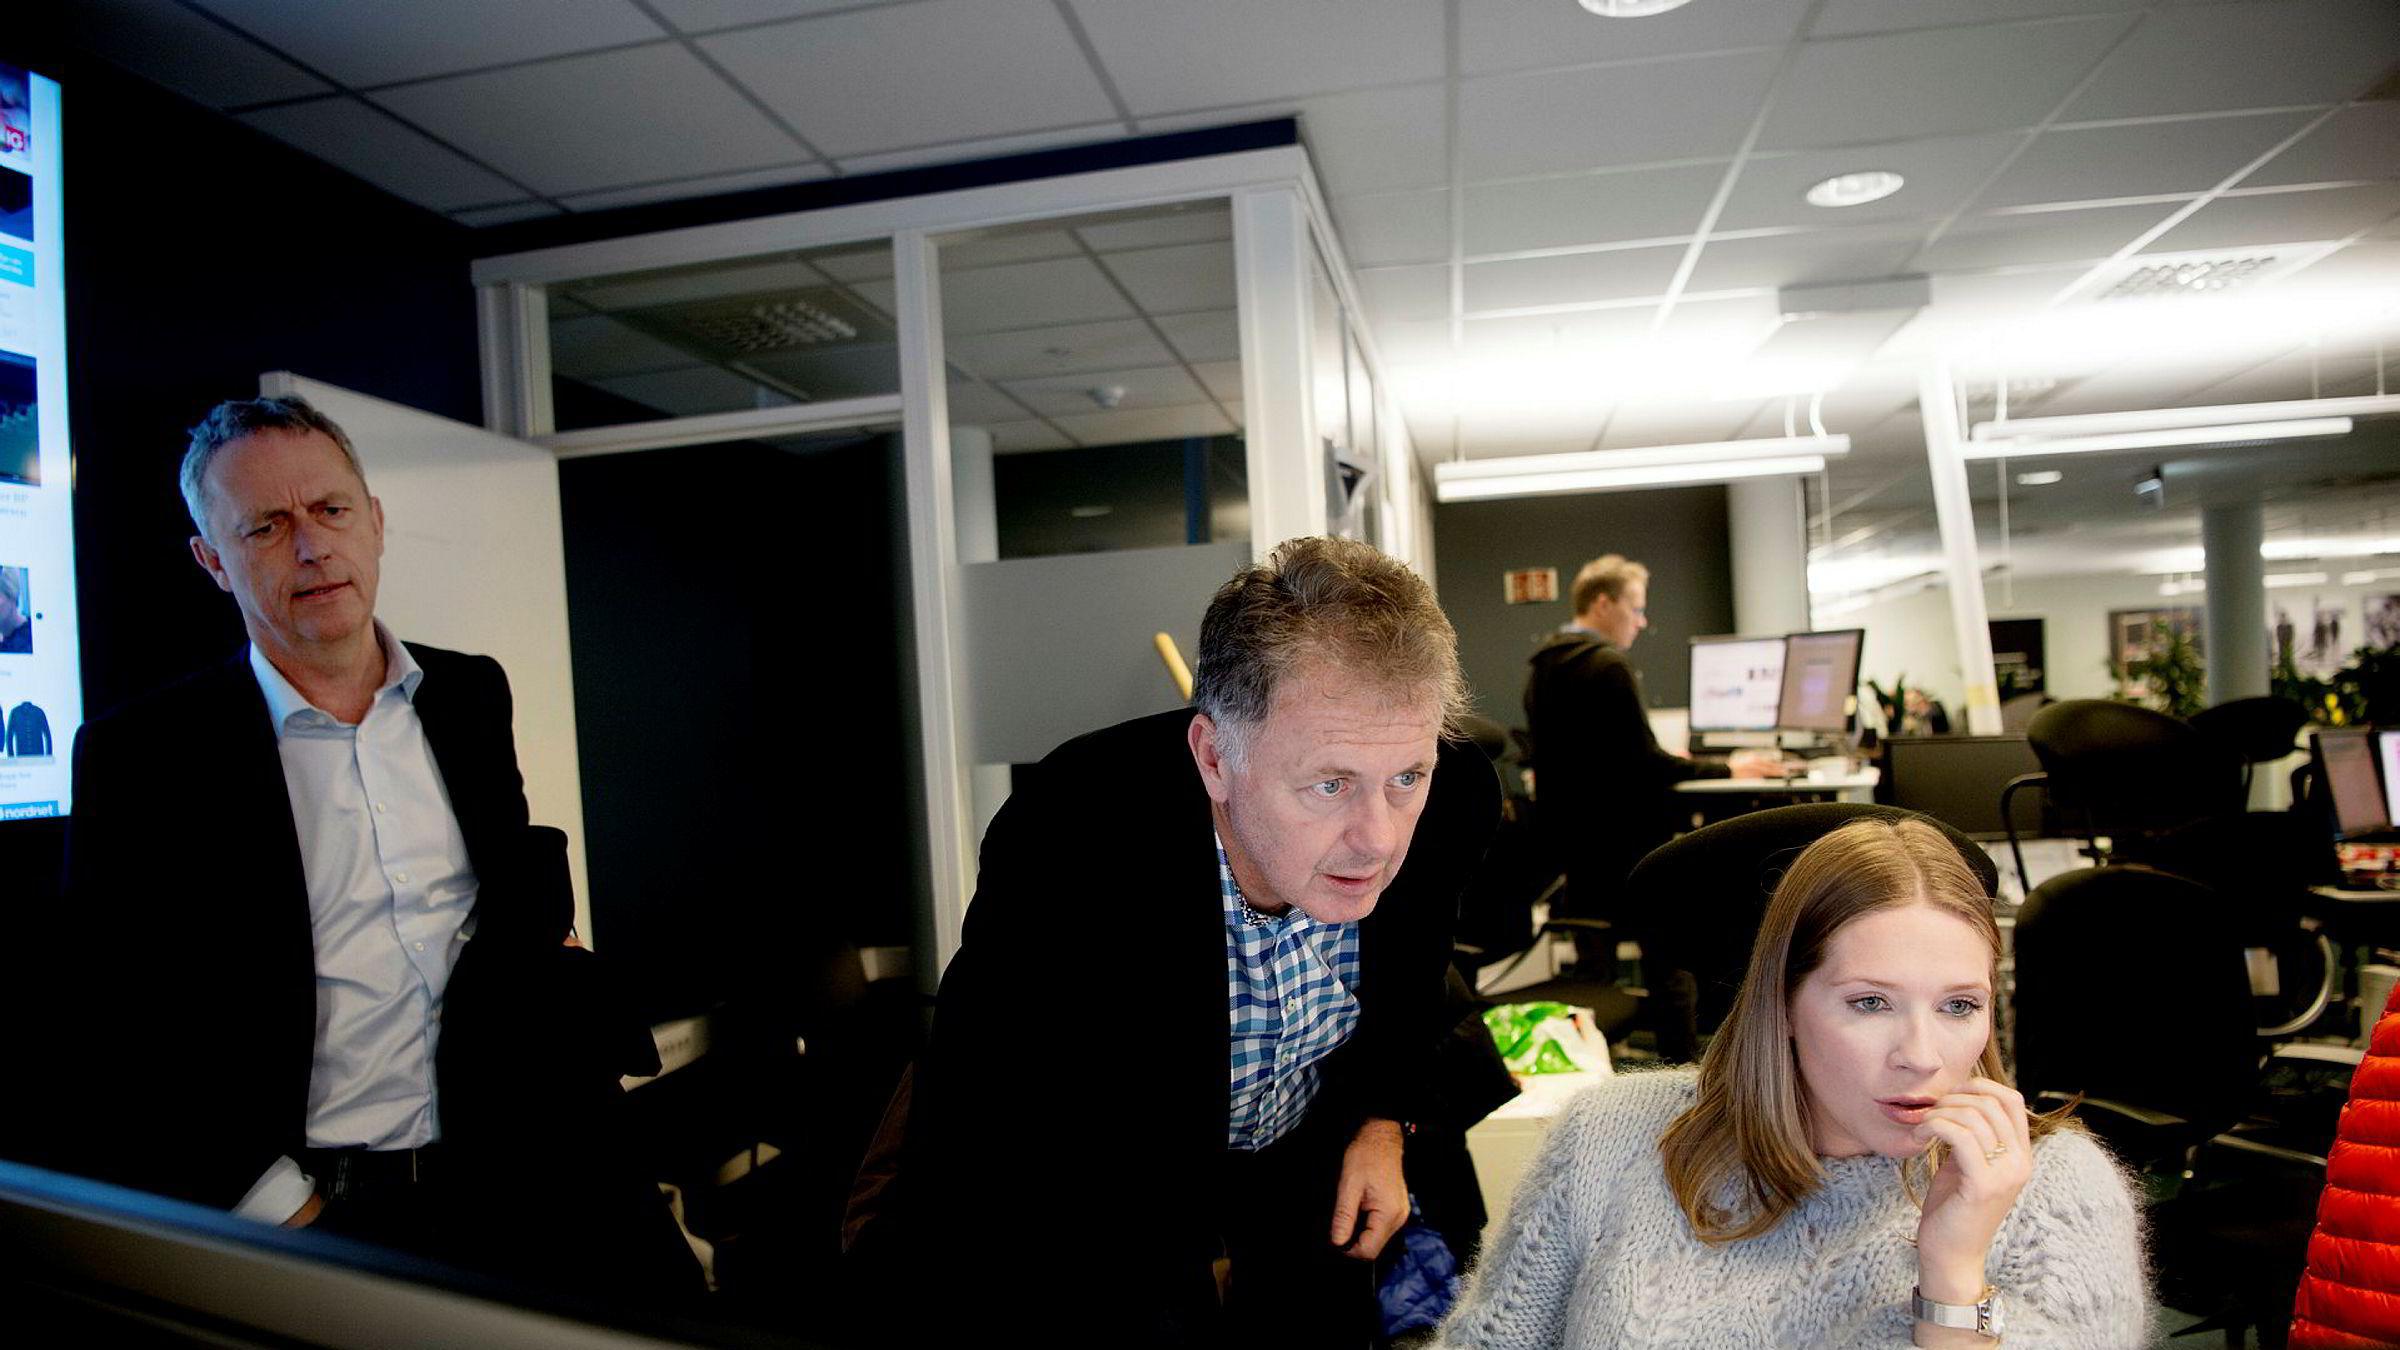 Konserndirektør Are Stokstad i Amedia, ansvarlig redaktør Gunnar Stavrum i Mediehuset Nettavisen og utgavesjef Maria Schiller Tønnessen lanserer nå en ny heldigital abonnementsavis, NA+.